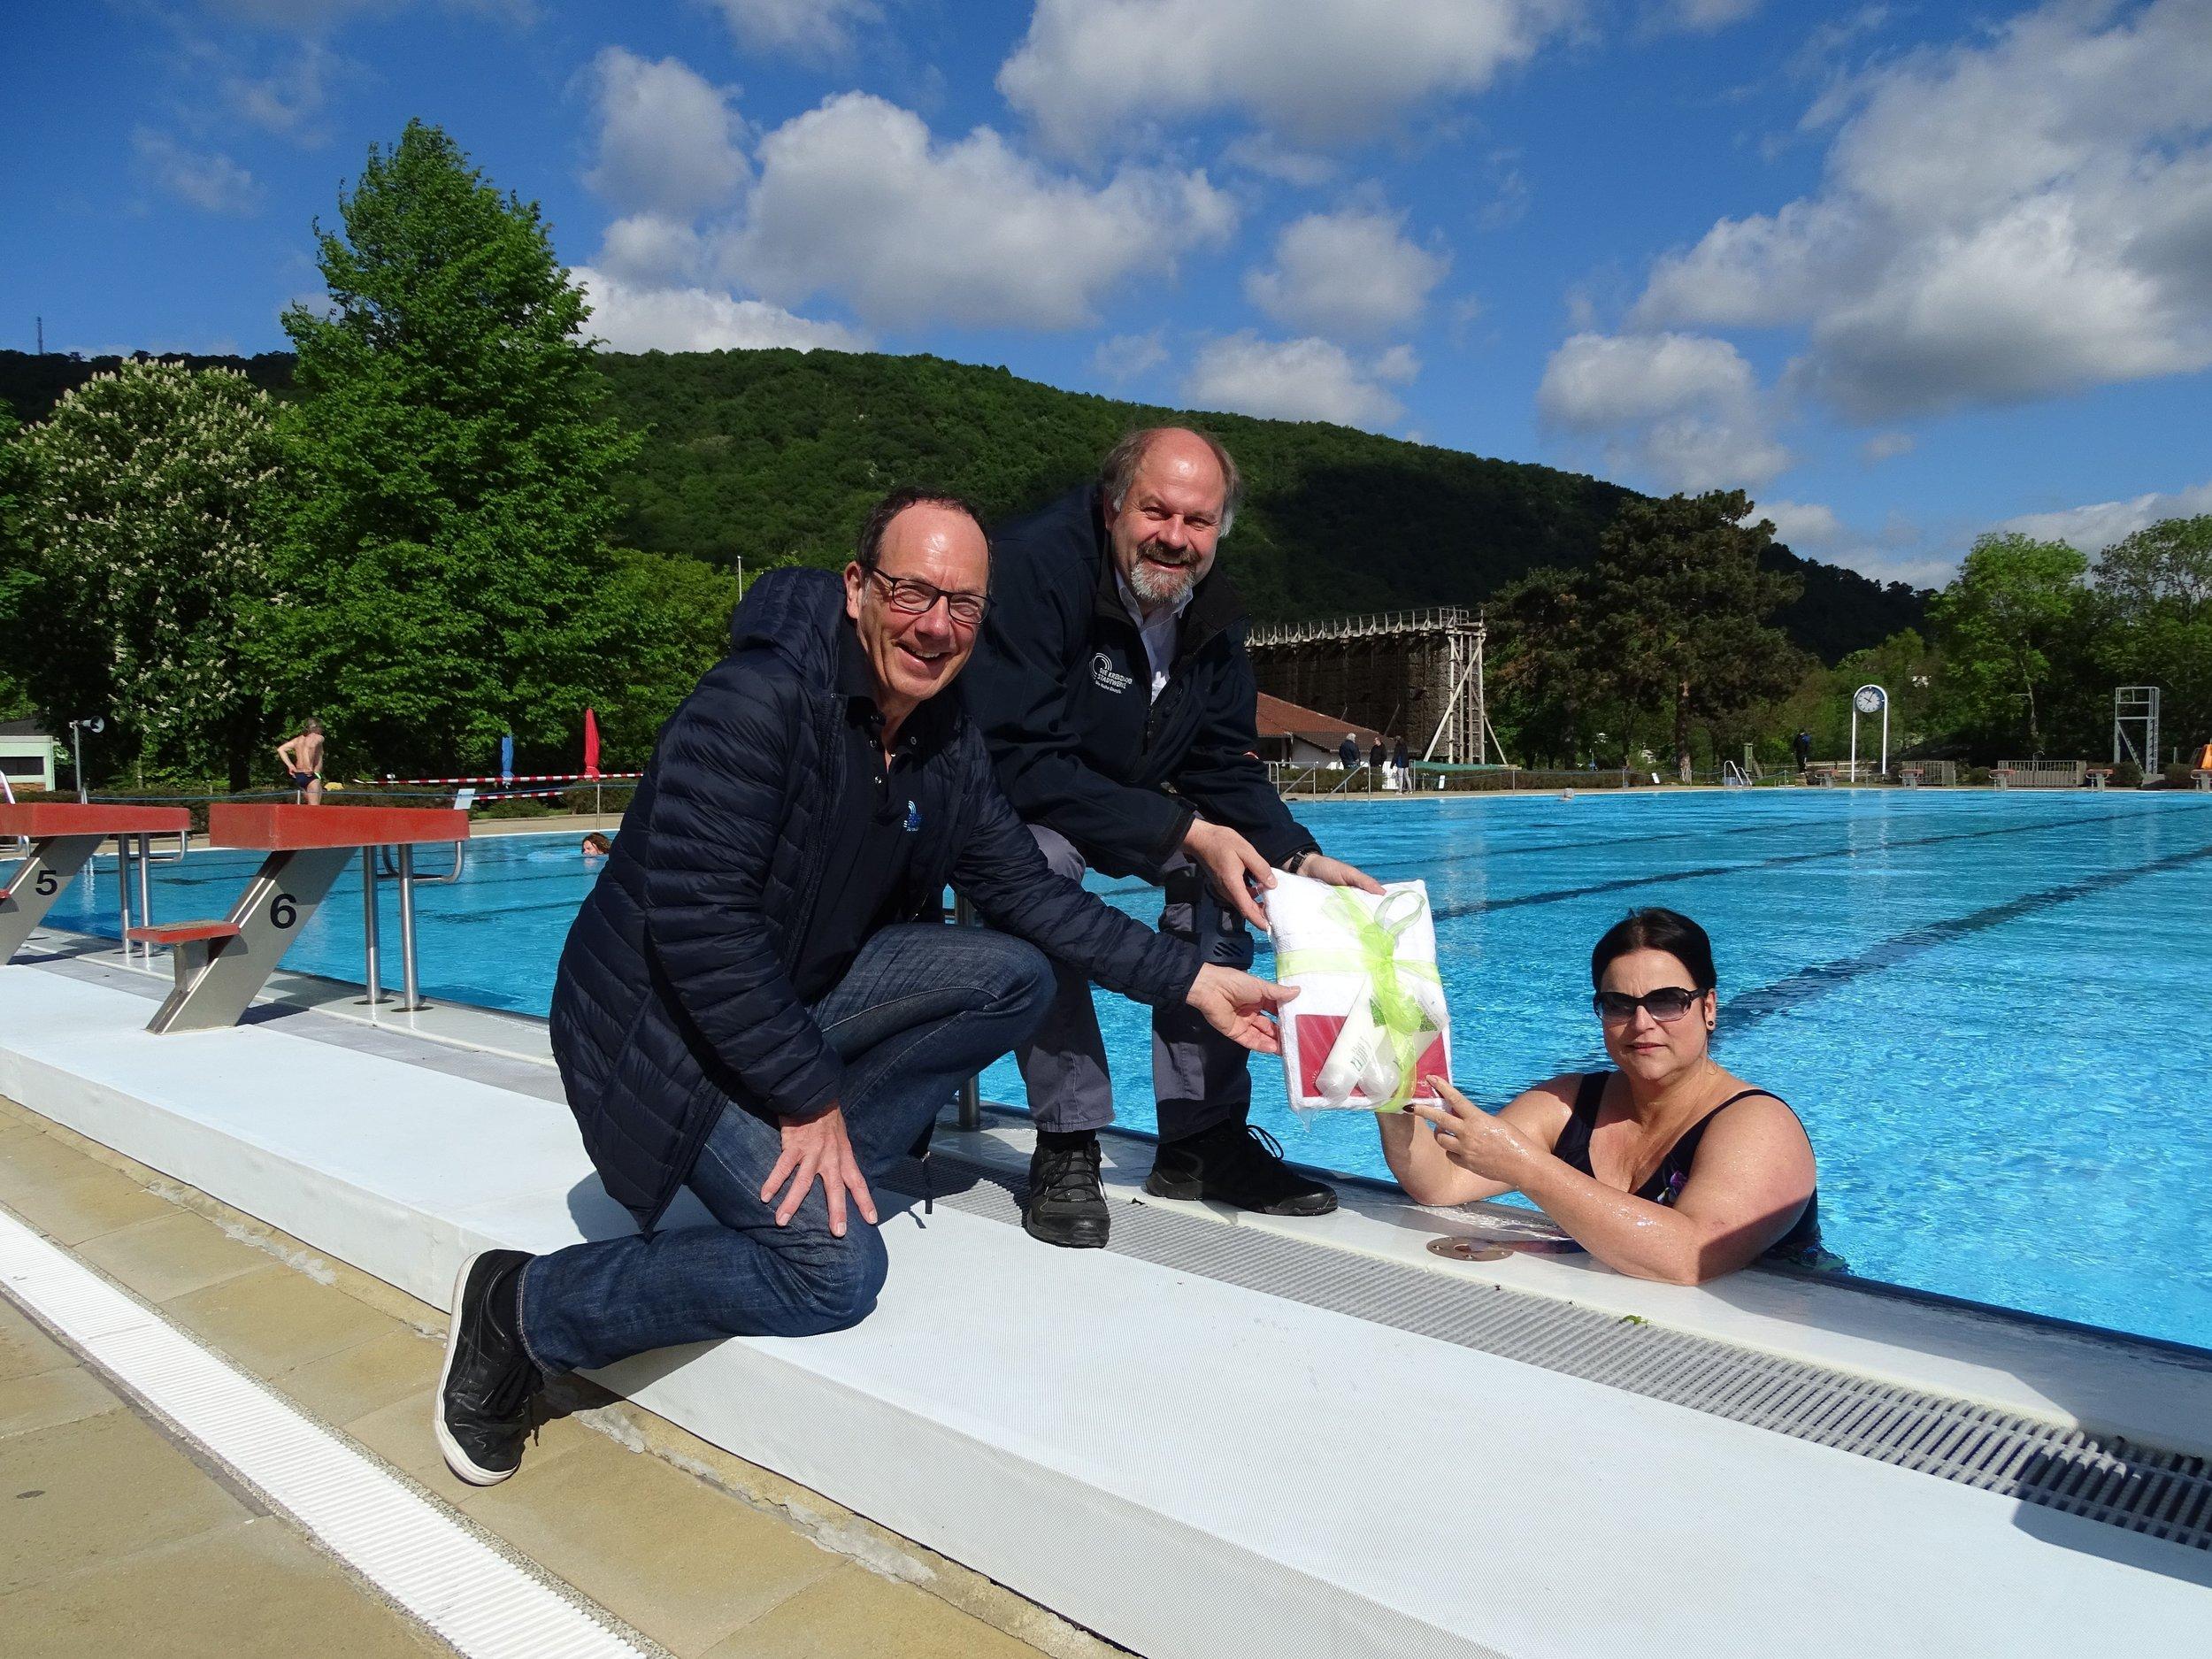 Auf dem Foto von links nach rechts: Klaus-Dieter Dreesbach, Marcus Jakob-Korsch und Anke Speth